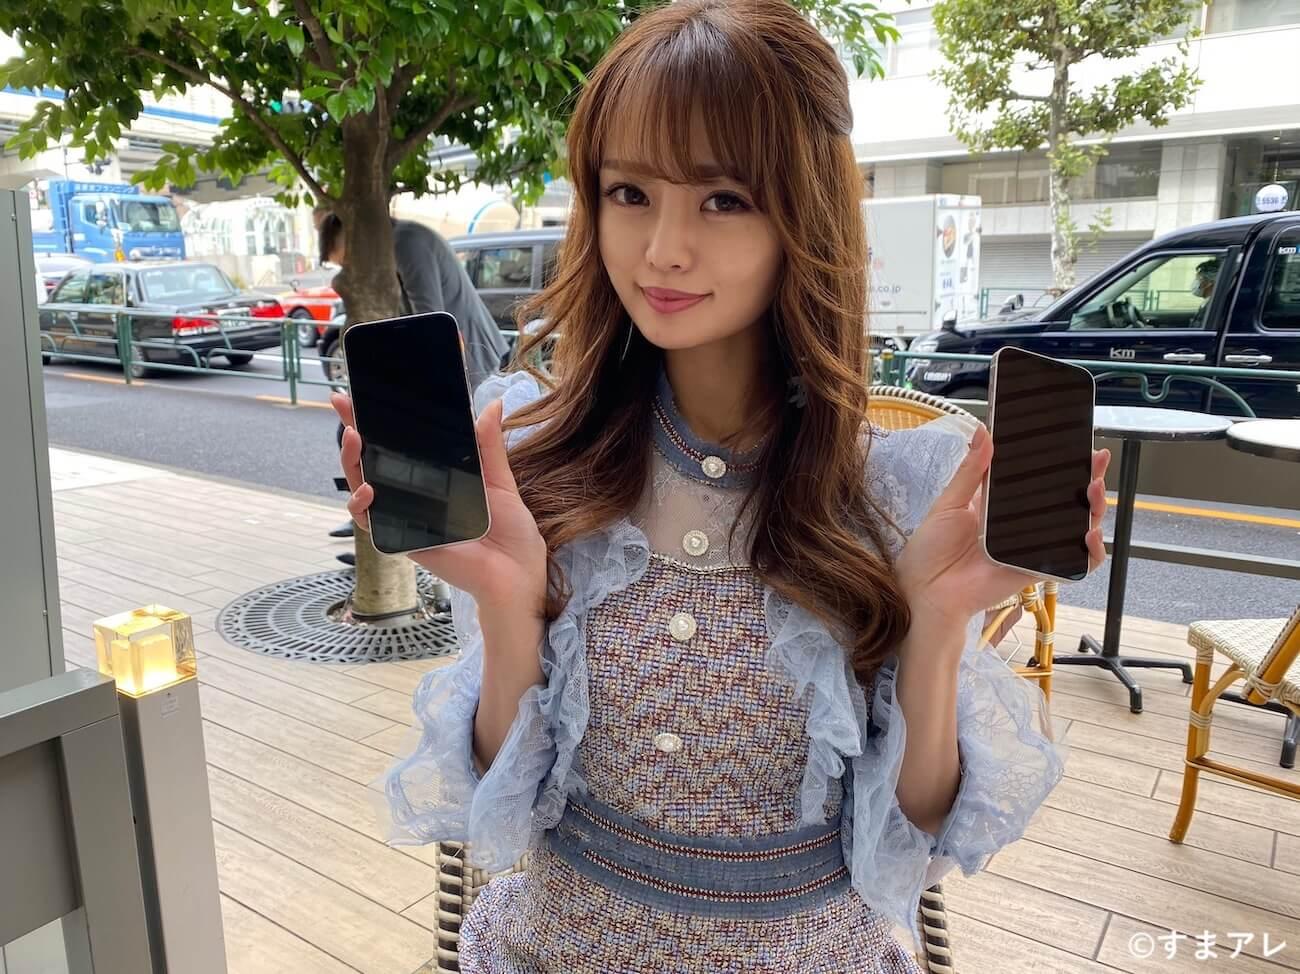 iPhone 12 Pro 画面 6.1インチ